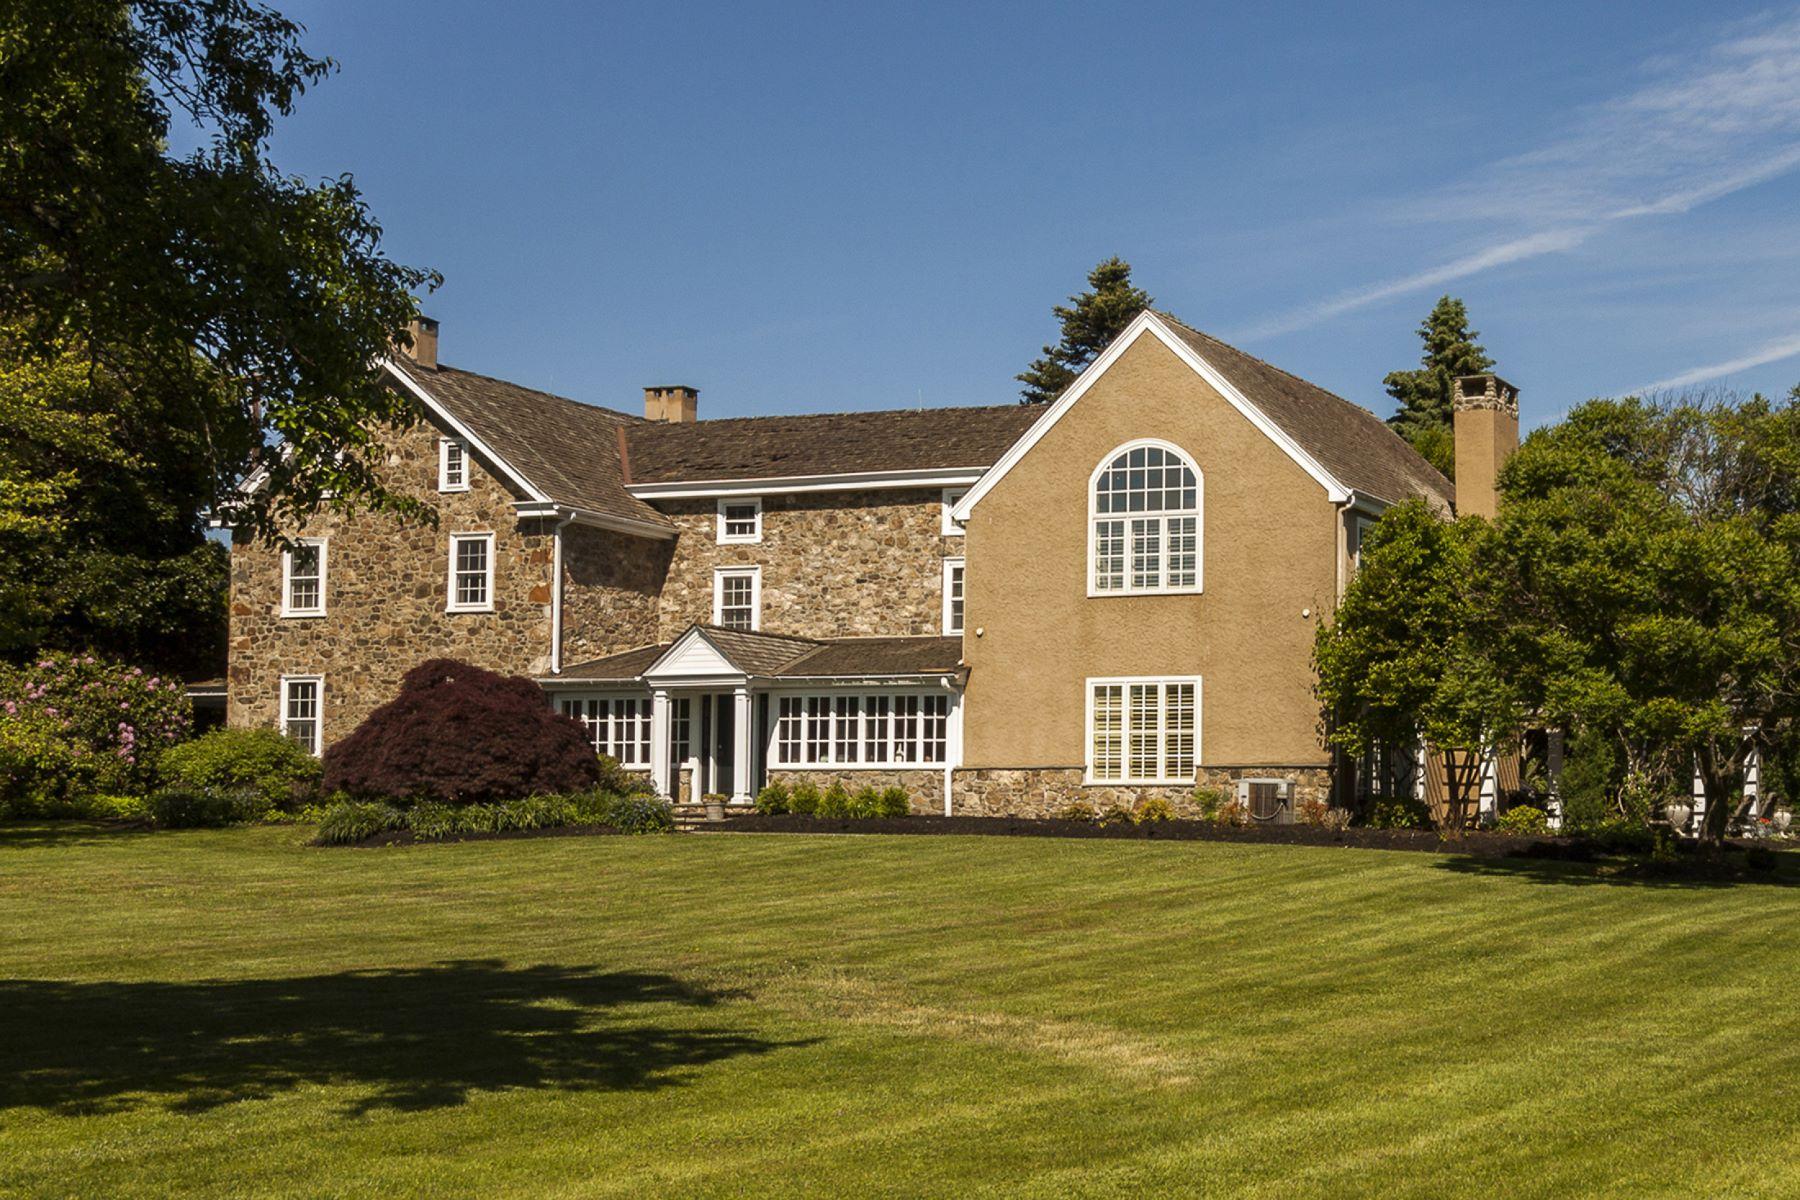 Tek Ailelik Ev için Satış at Three Ponds Farm 2336 PIKELAND RD Malvern, Pennsylvania, 19355 Amerika Birleşik Devletleri